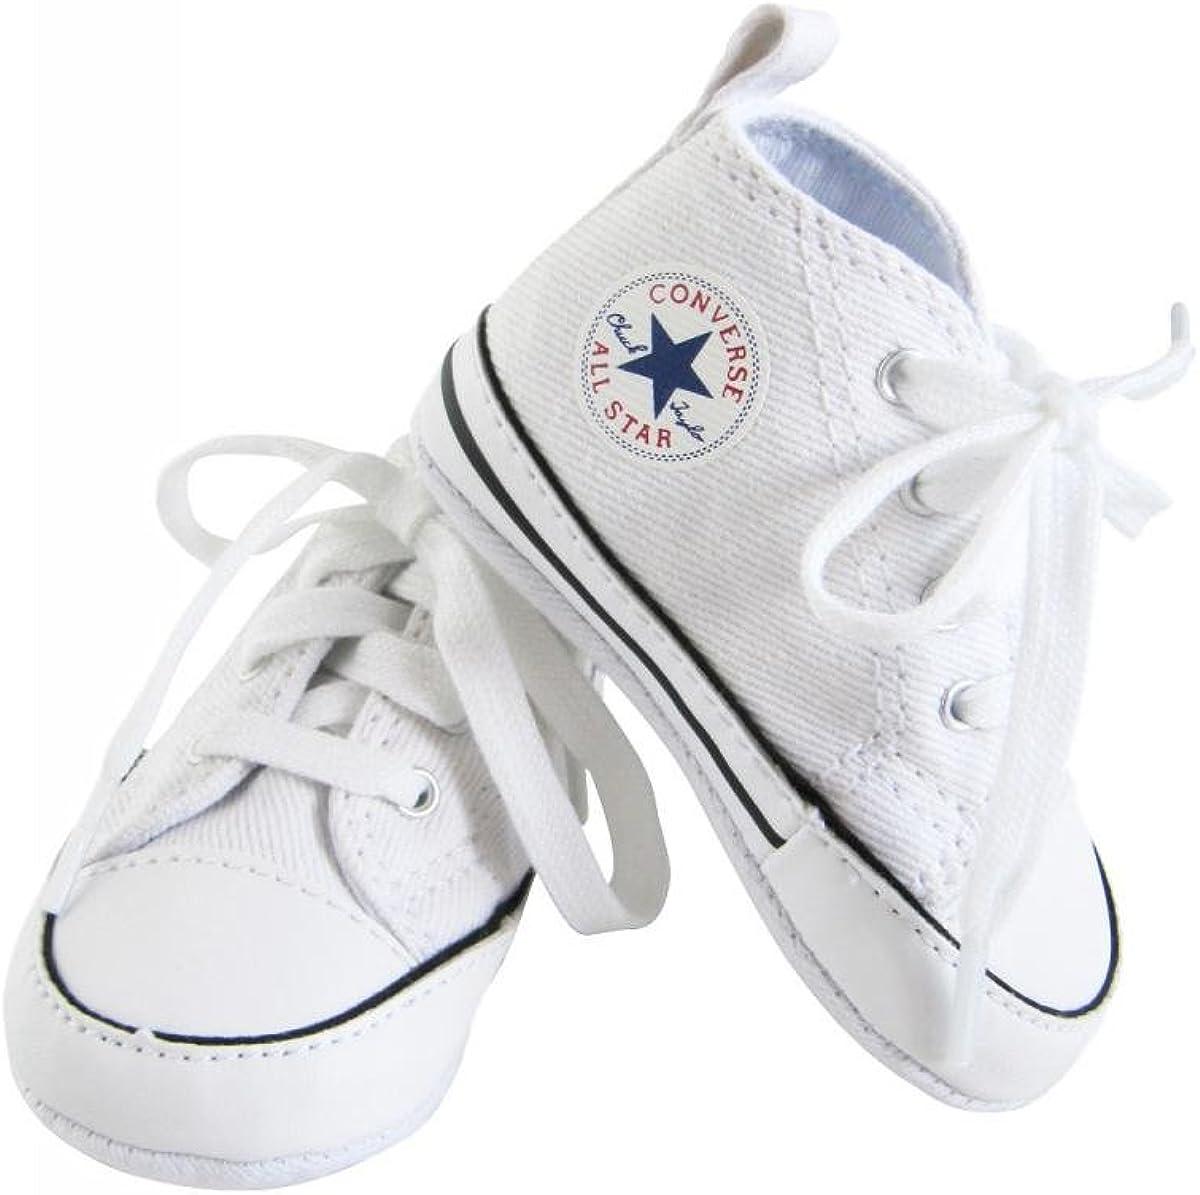 Converse Scarpine Prima Infanzia Bambina Scarpe e borse Scarpe